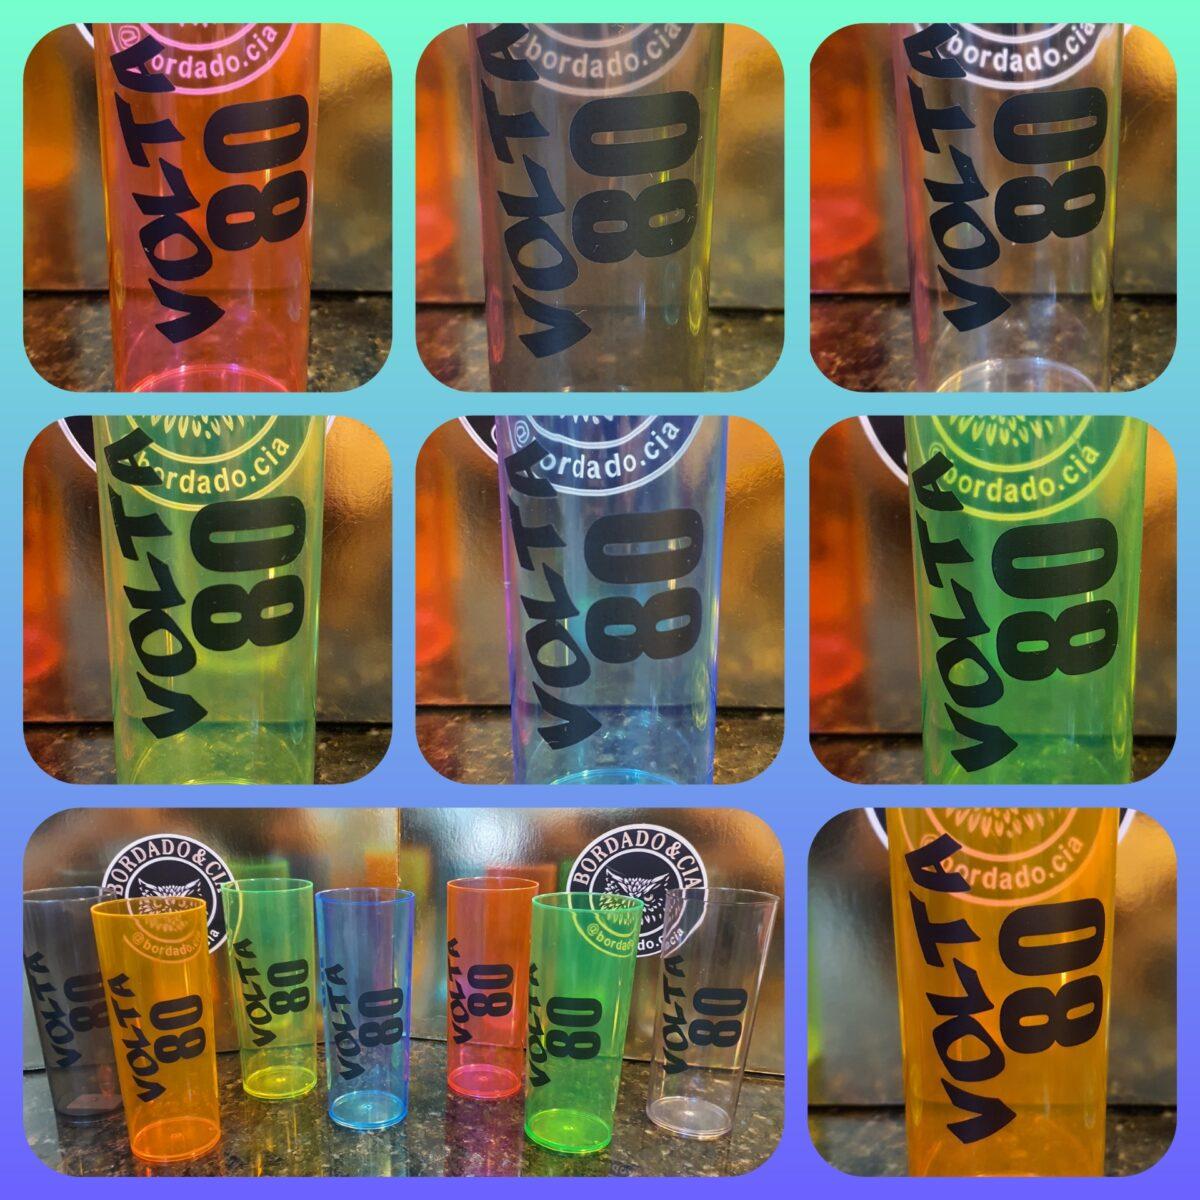 Copo Long Drink da Festa Volta 80 - Logotipo V80- by Bordado & Cia - @bordado.cia @volta80